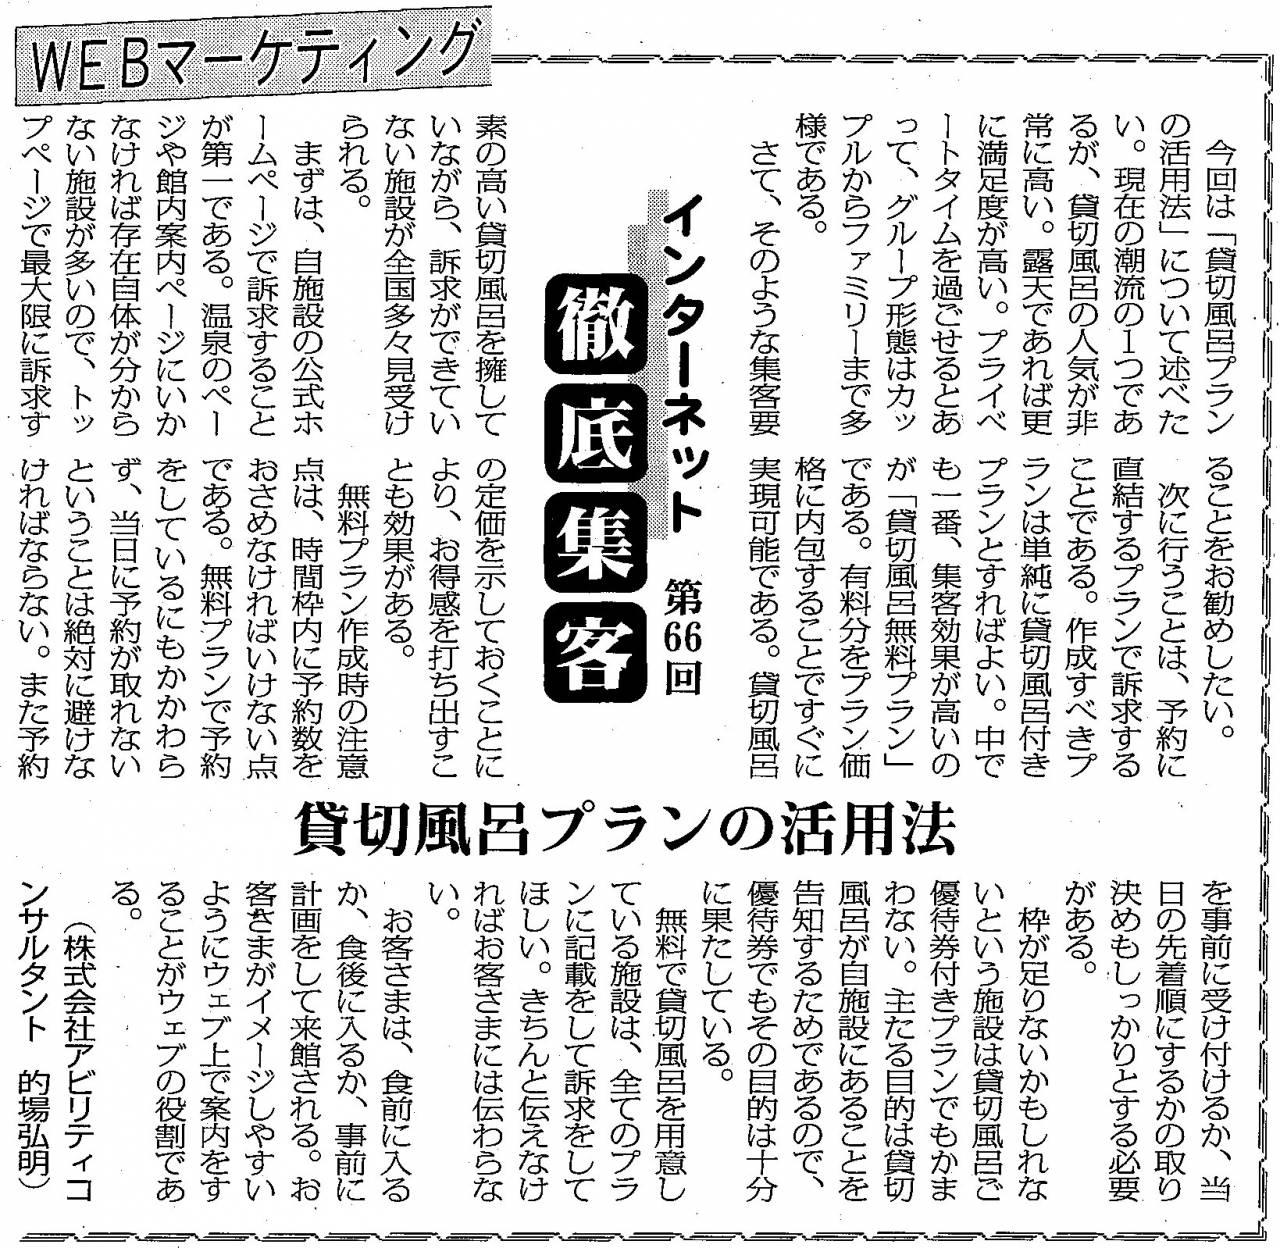 【第66回】WEBマーケティング 貸切風呂プランの活用法